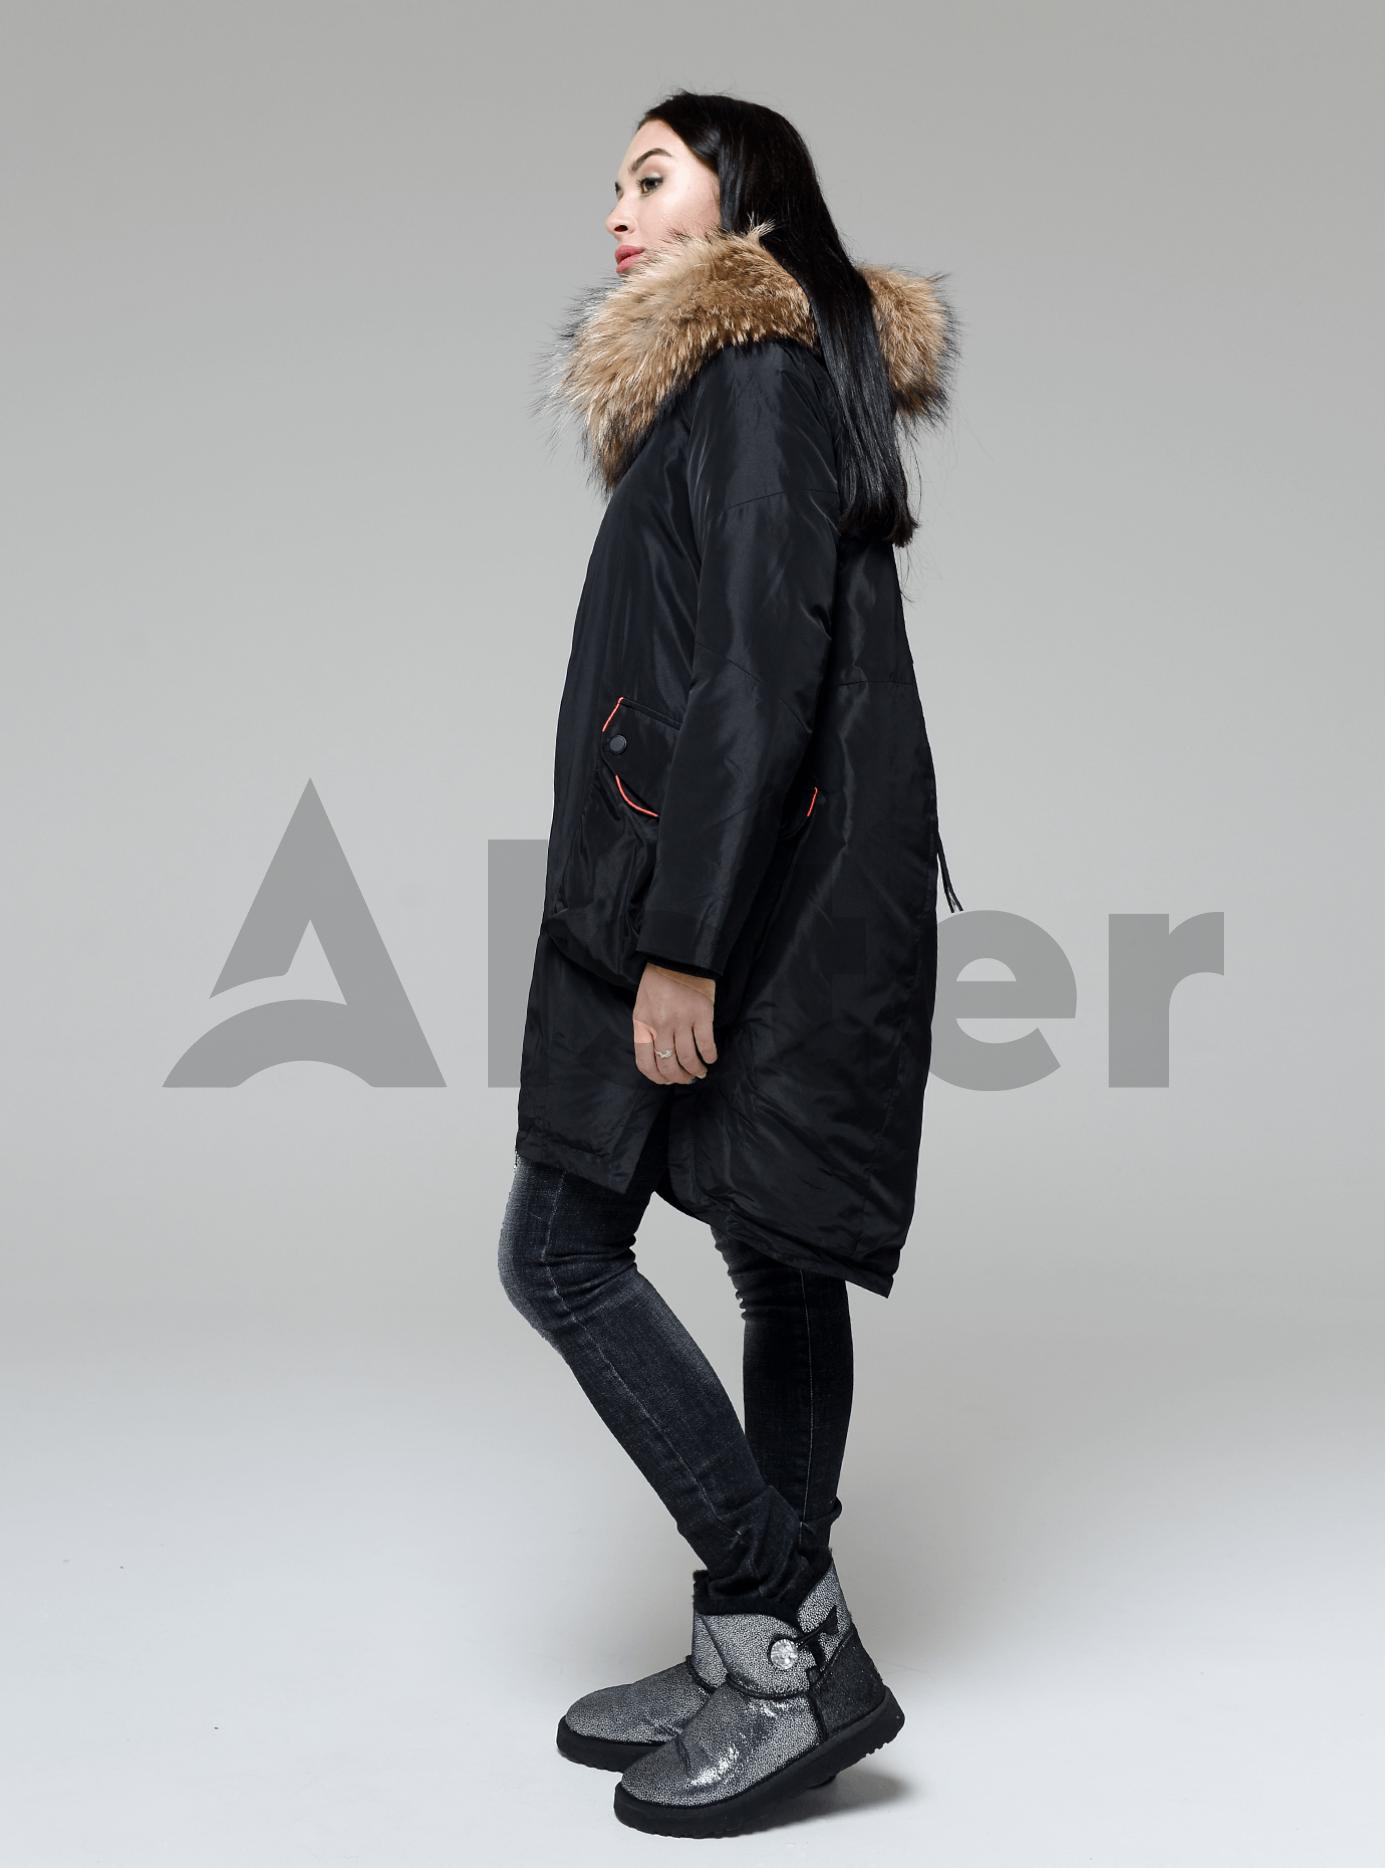 Куртка зимняя длинная с накладными карманами и мехом енота Чёрный M (05-V191232): фото - Alster.ua